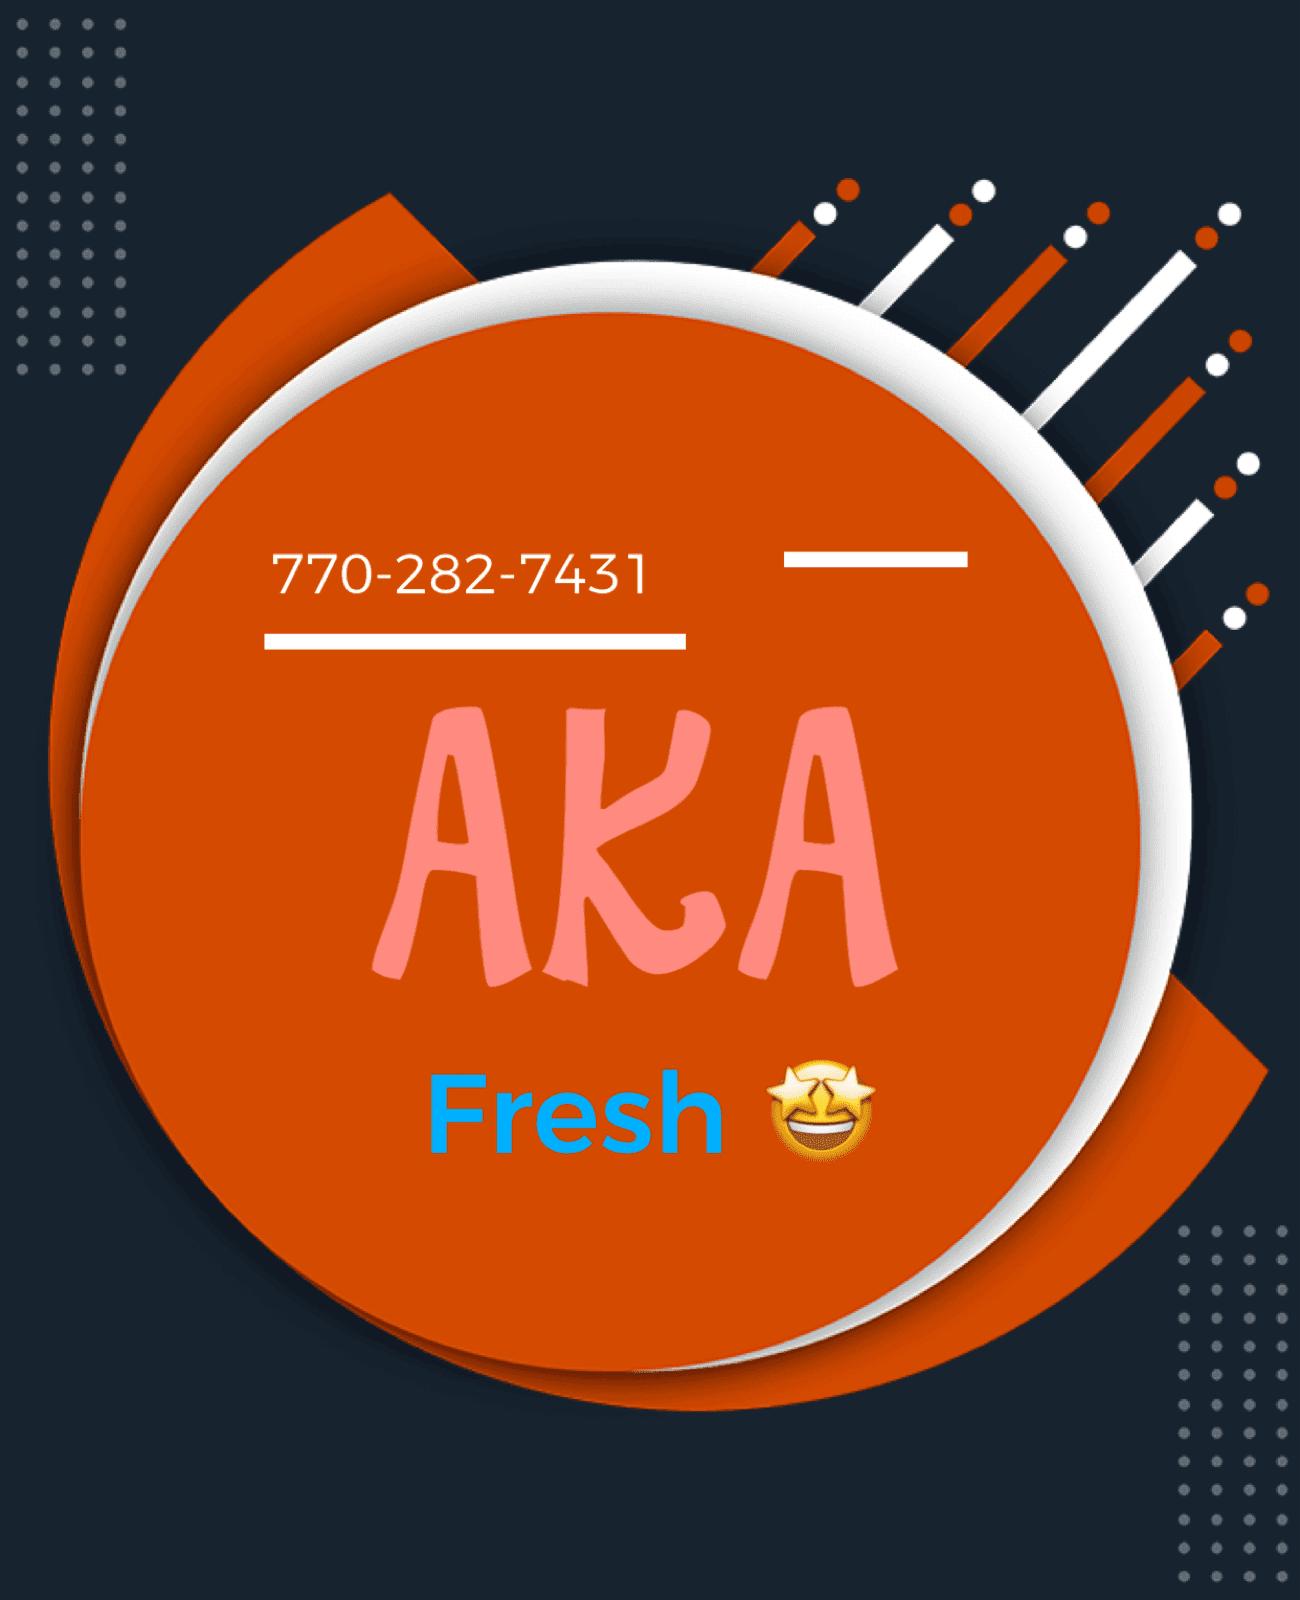 Aka Fresh